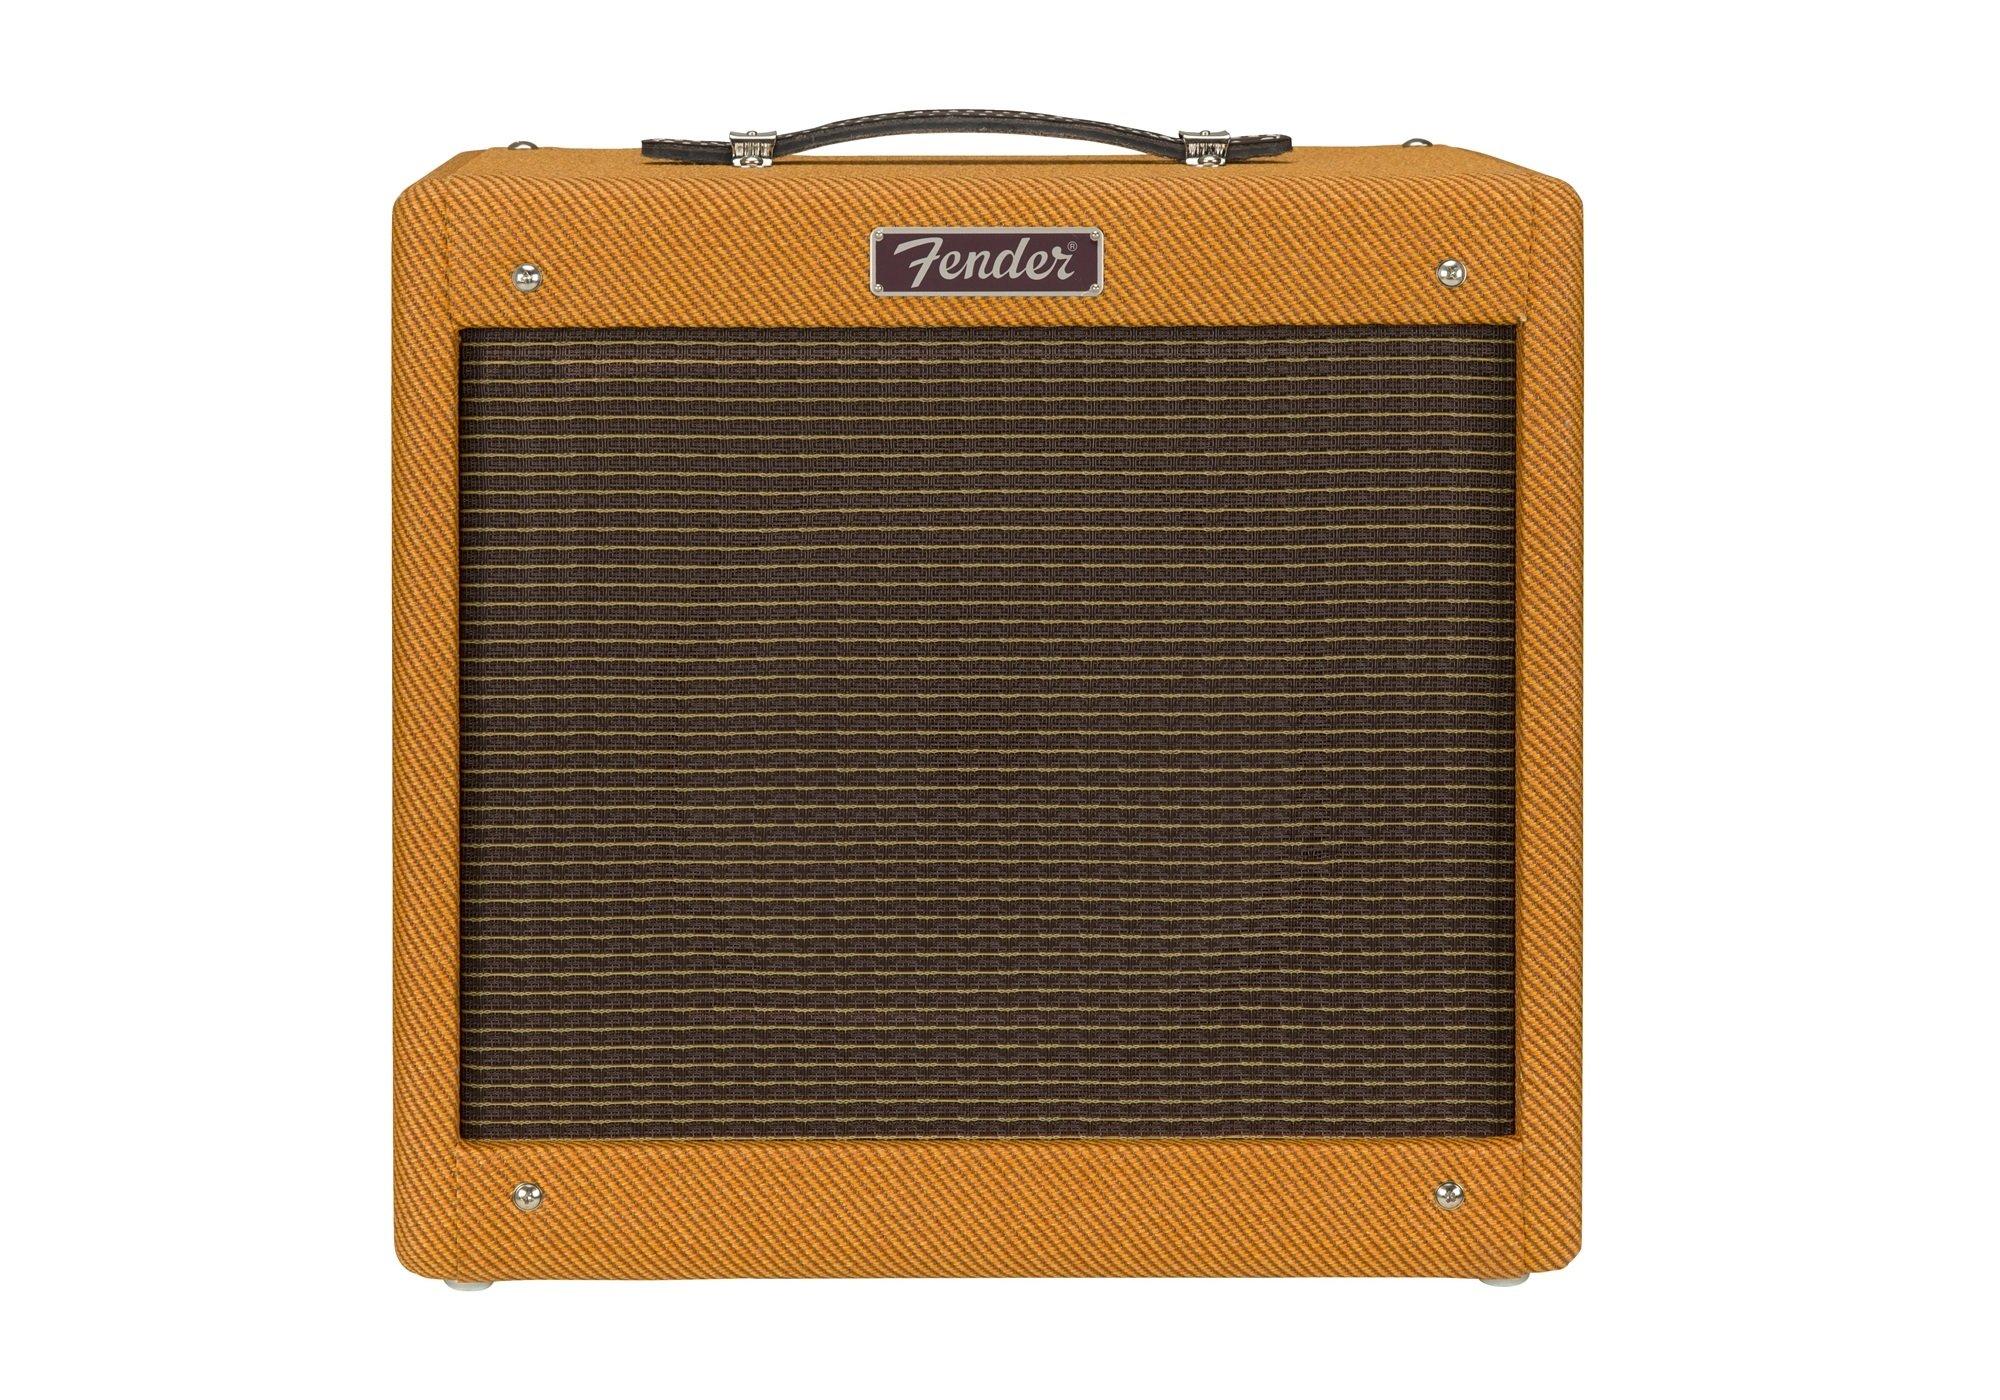 Fender Pro Junior IV Guitar Amplifier